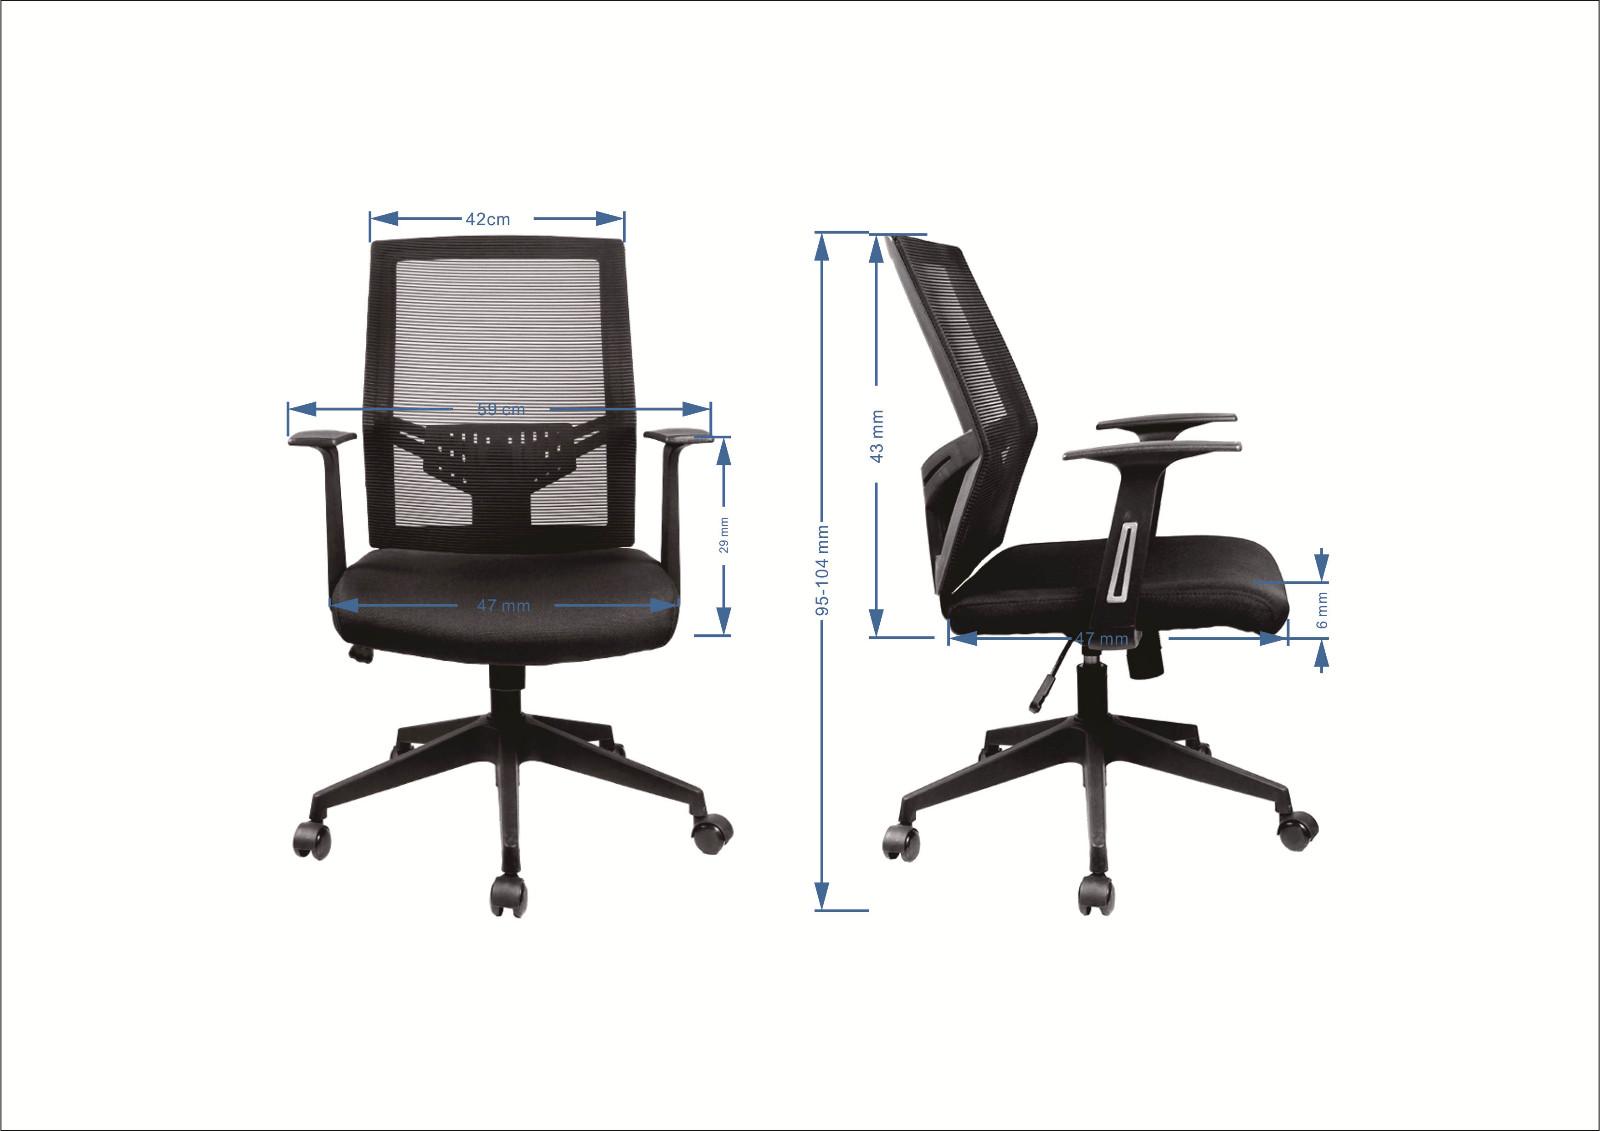 Mesh Mid Back Office Task Desk Office Chair HL-319-5